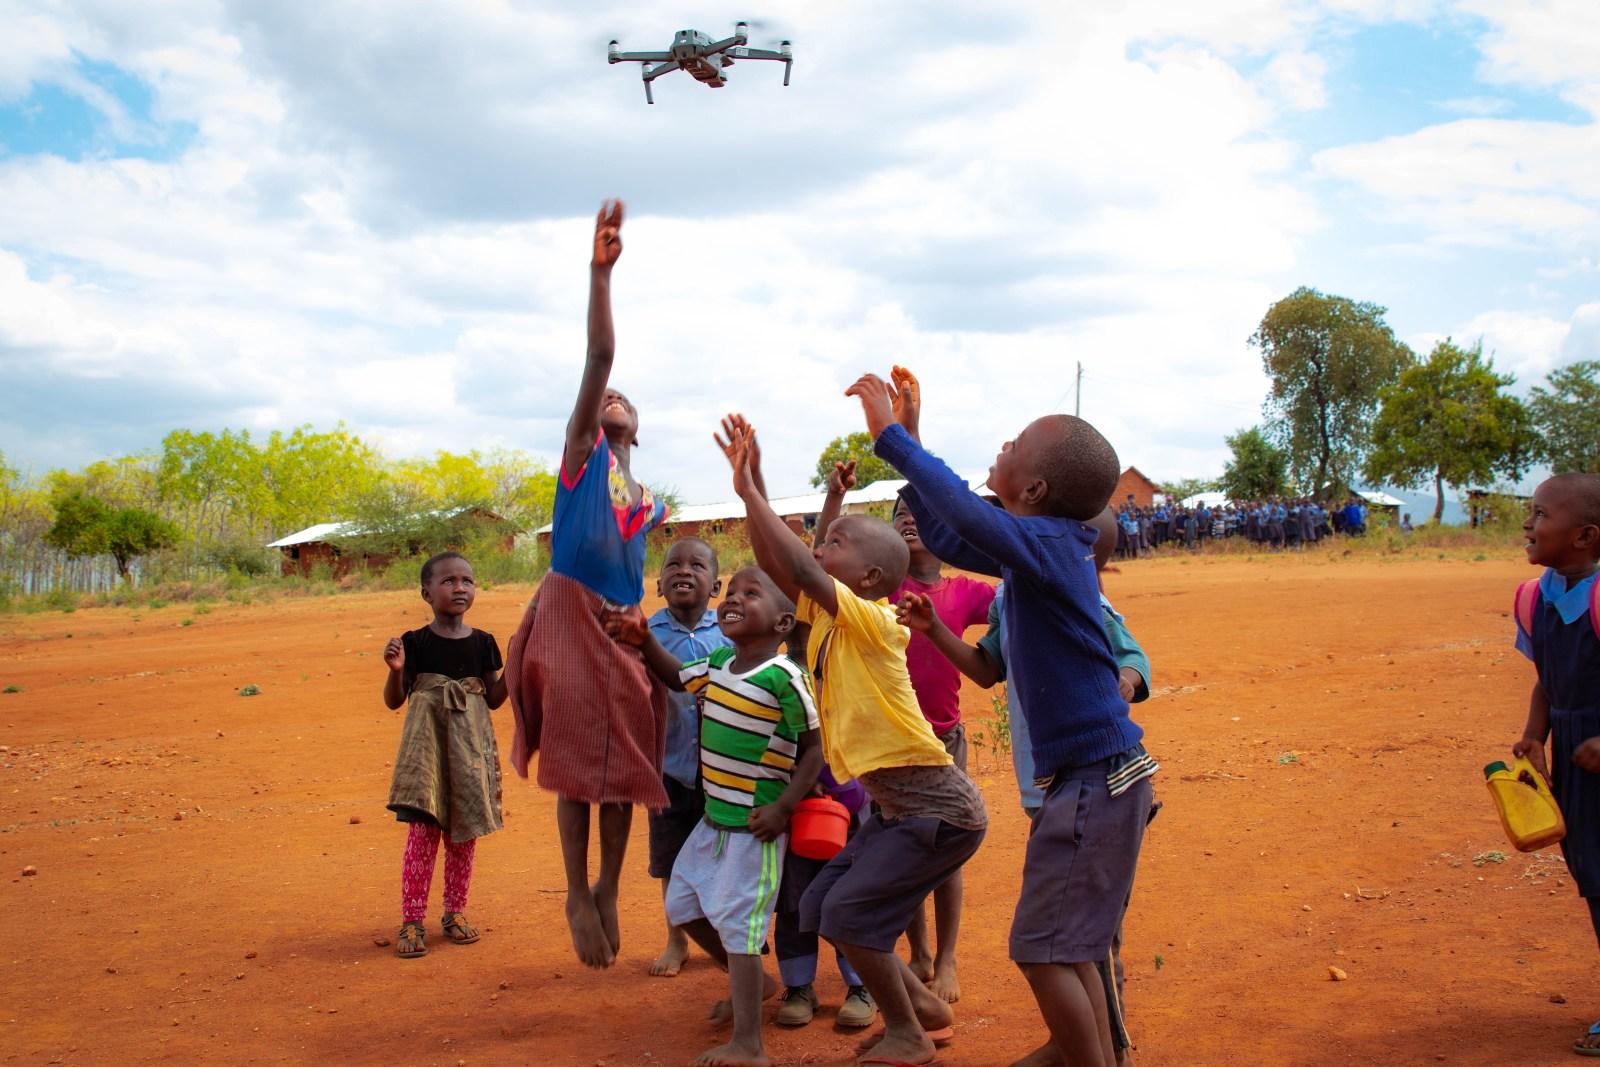 Barnen tyckte det var enormt roligt med drönaren. Flera av dem frågade om det satt en liten människa inuti den och styrde. Utanför Kiambere-plantagen i juni 2019.